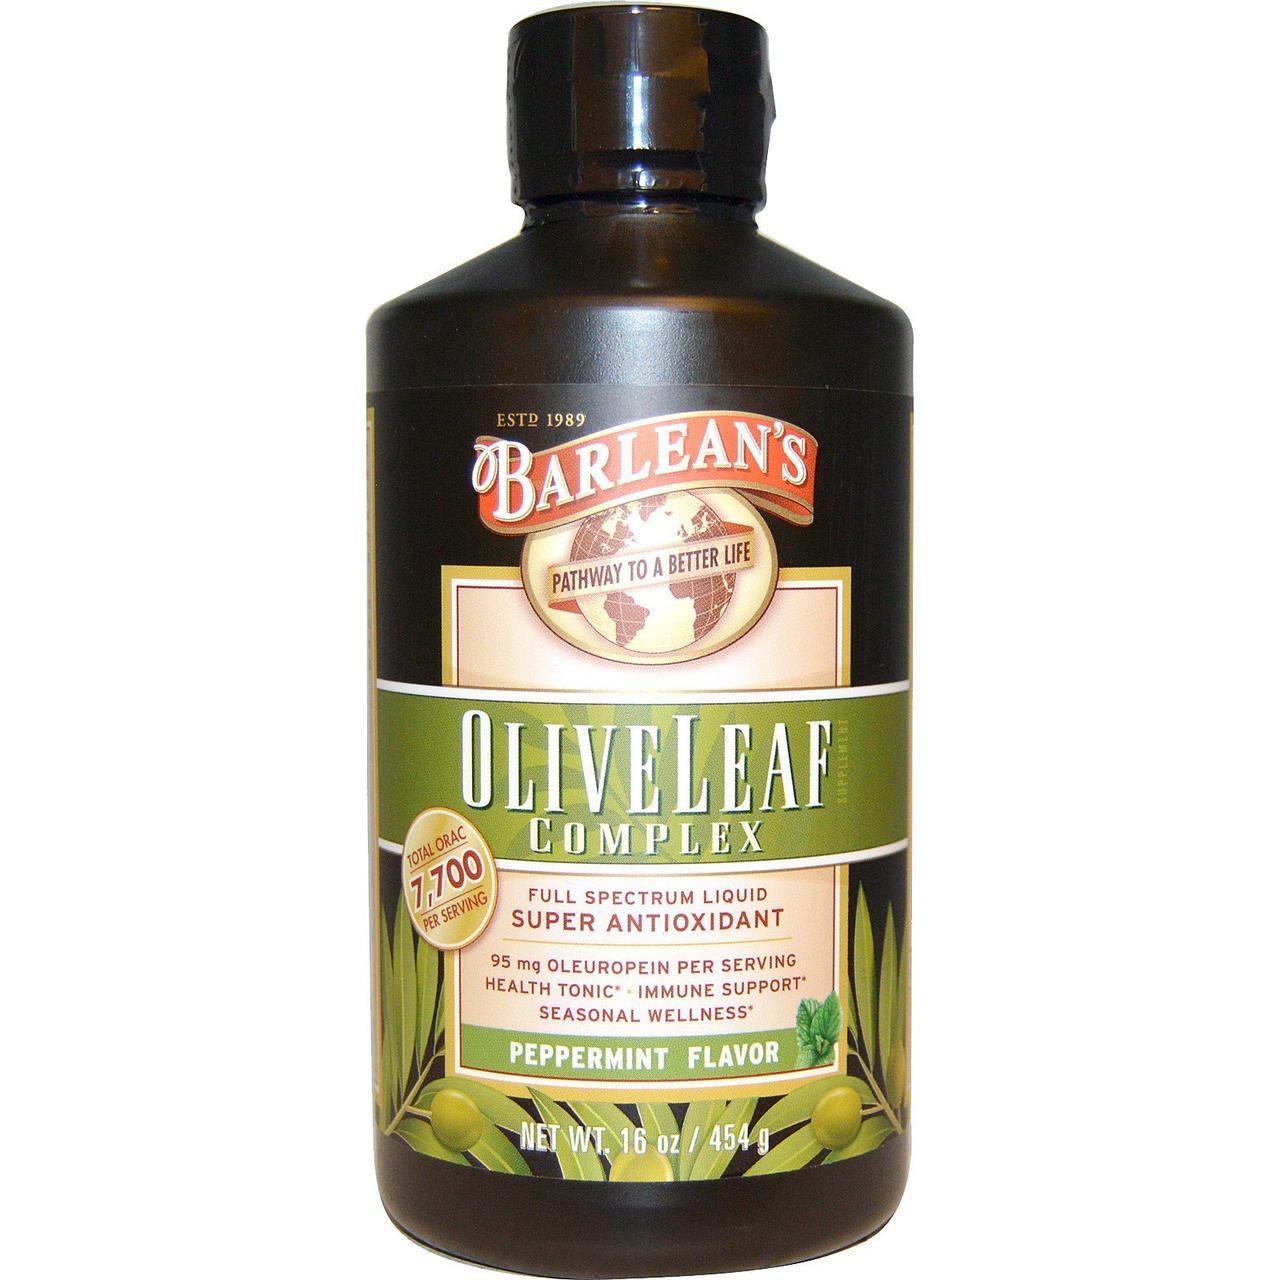 Экстракт листьев оливы, Olive Leaf Complex, Barlean's, мятный вкус, 454 г.